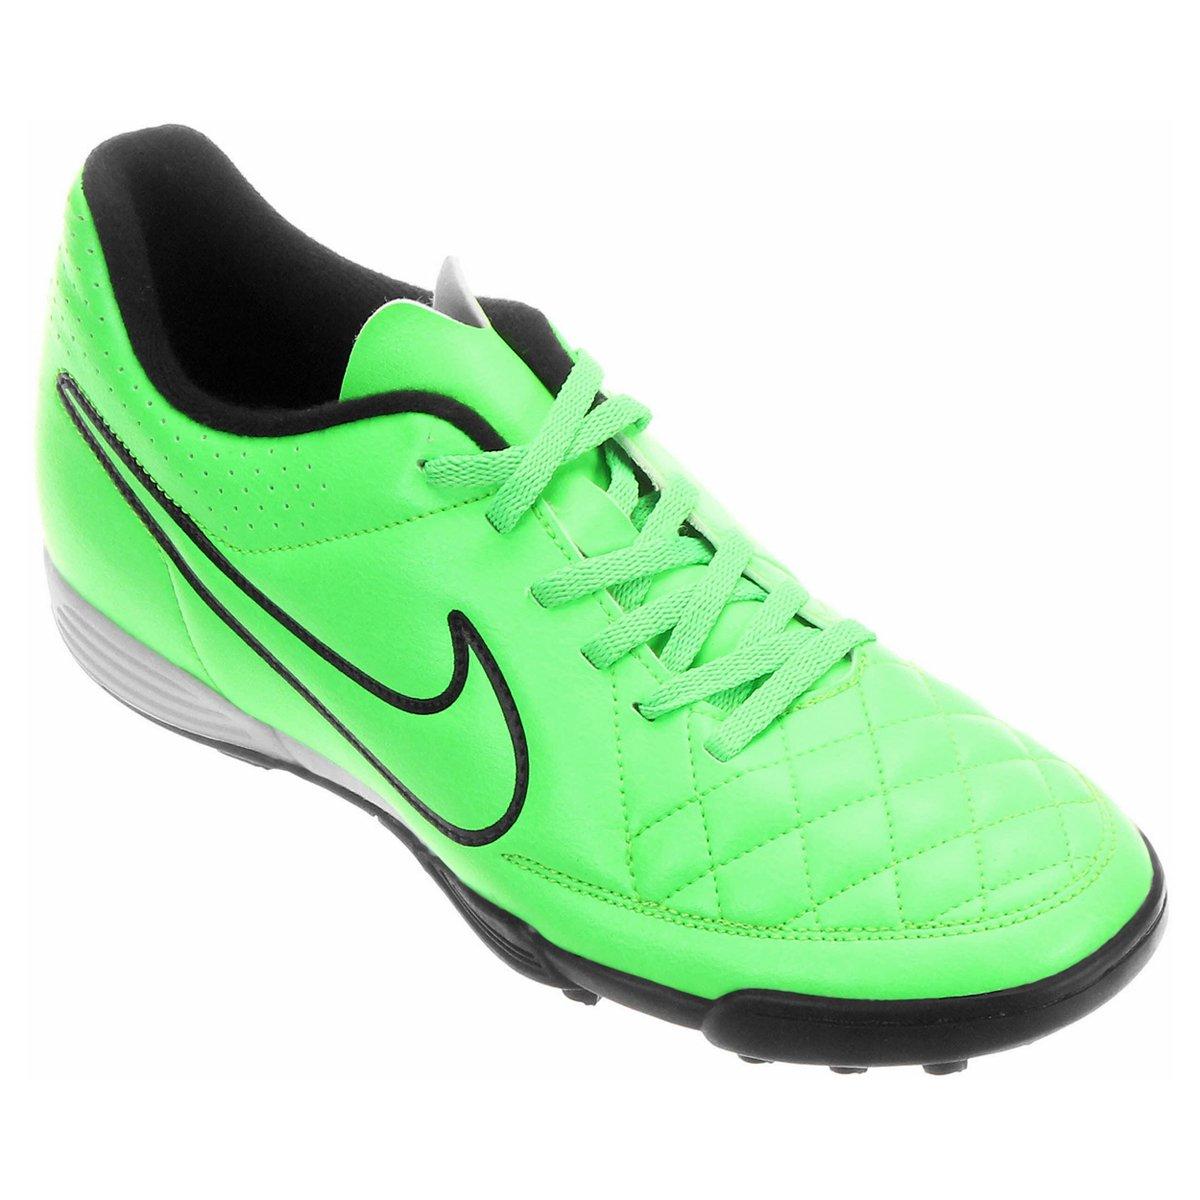 Chuteira Nike Tiempo Rio 2 TF Society - Compre Agora  c7b4d335742a6